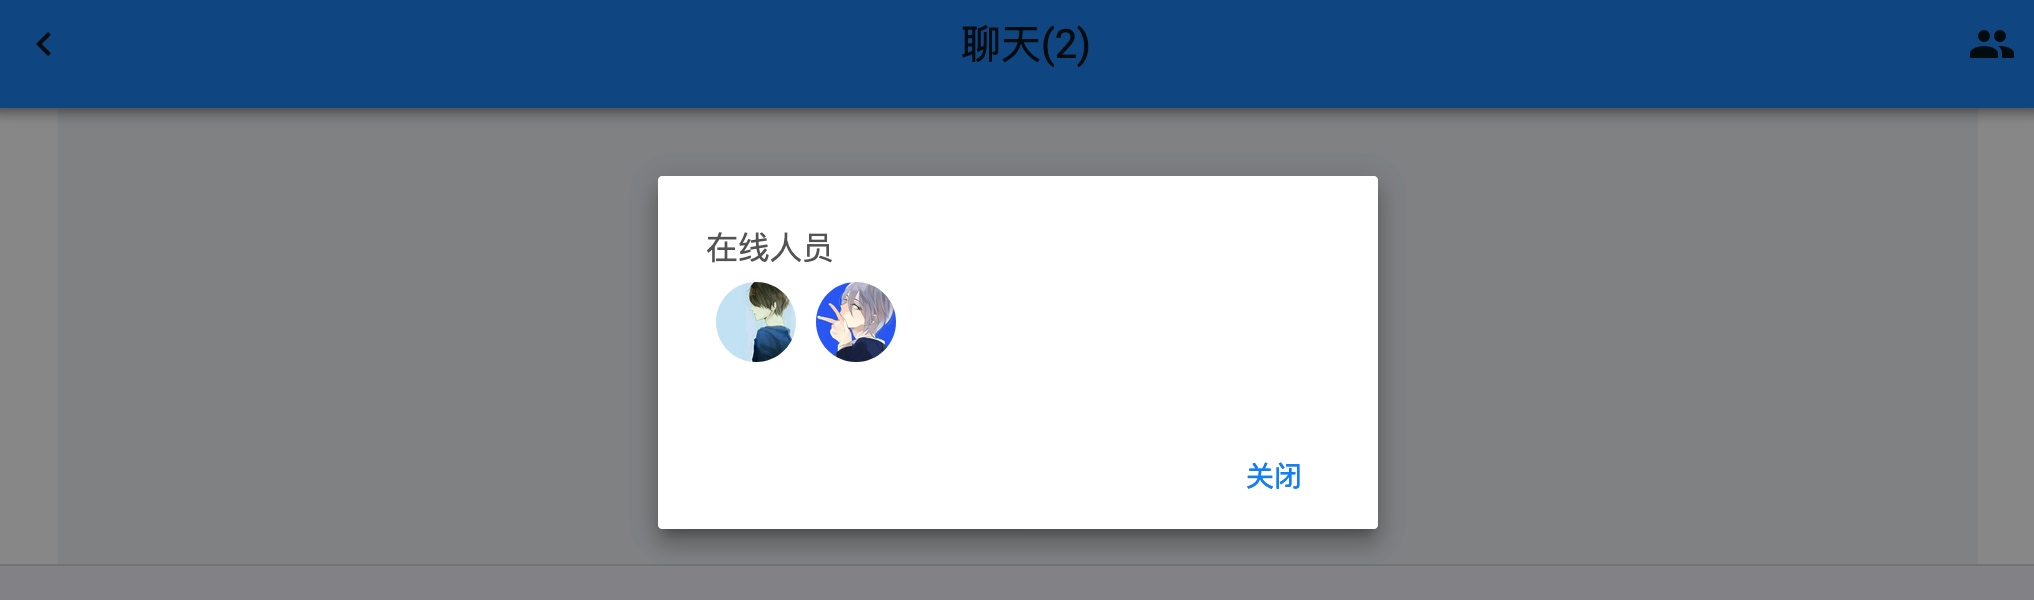 聊天室房间1-Firefox